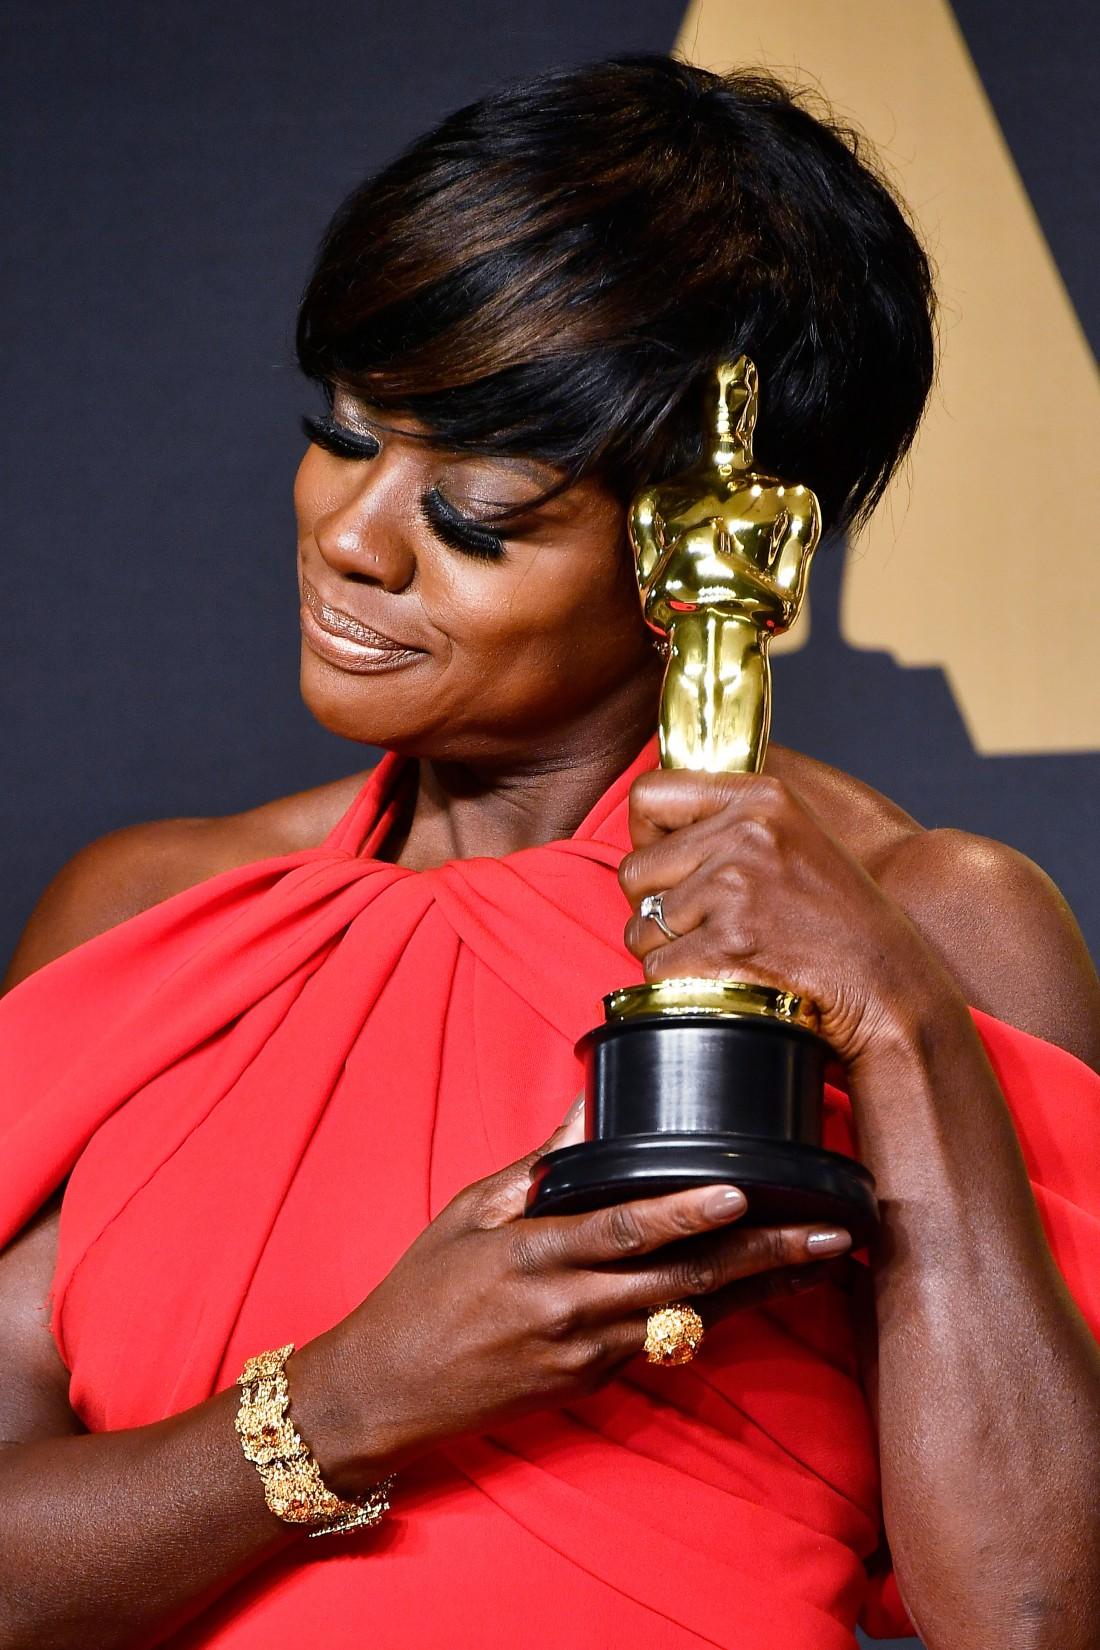 51-летняя актриса получила свой первый Оскар за роль в фильме Ограды